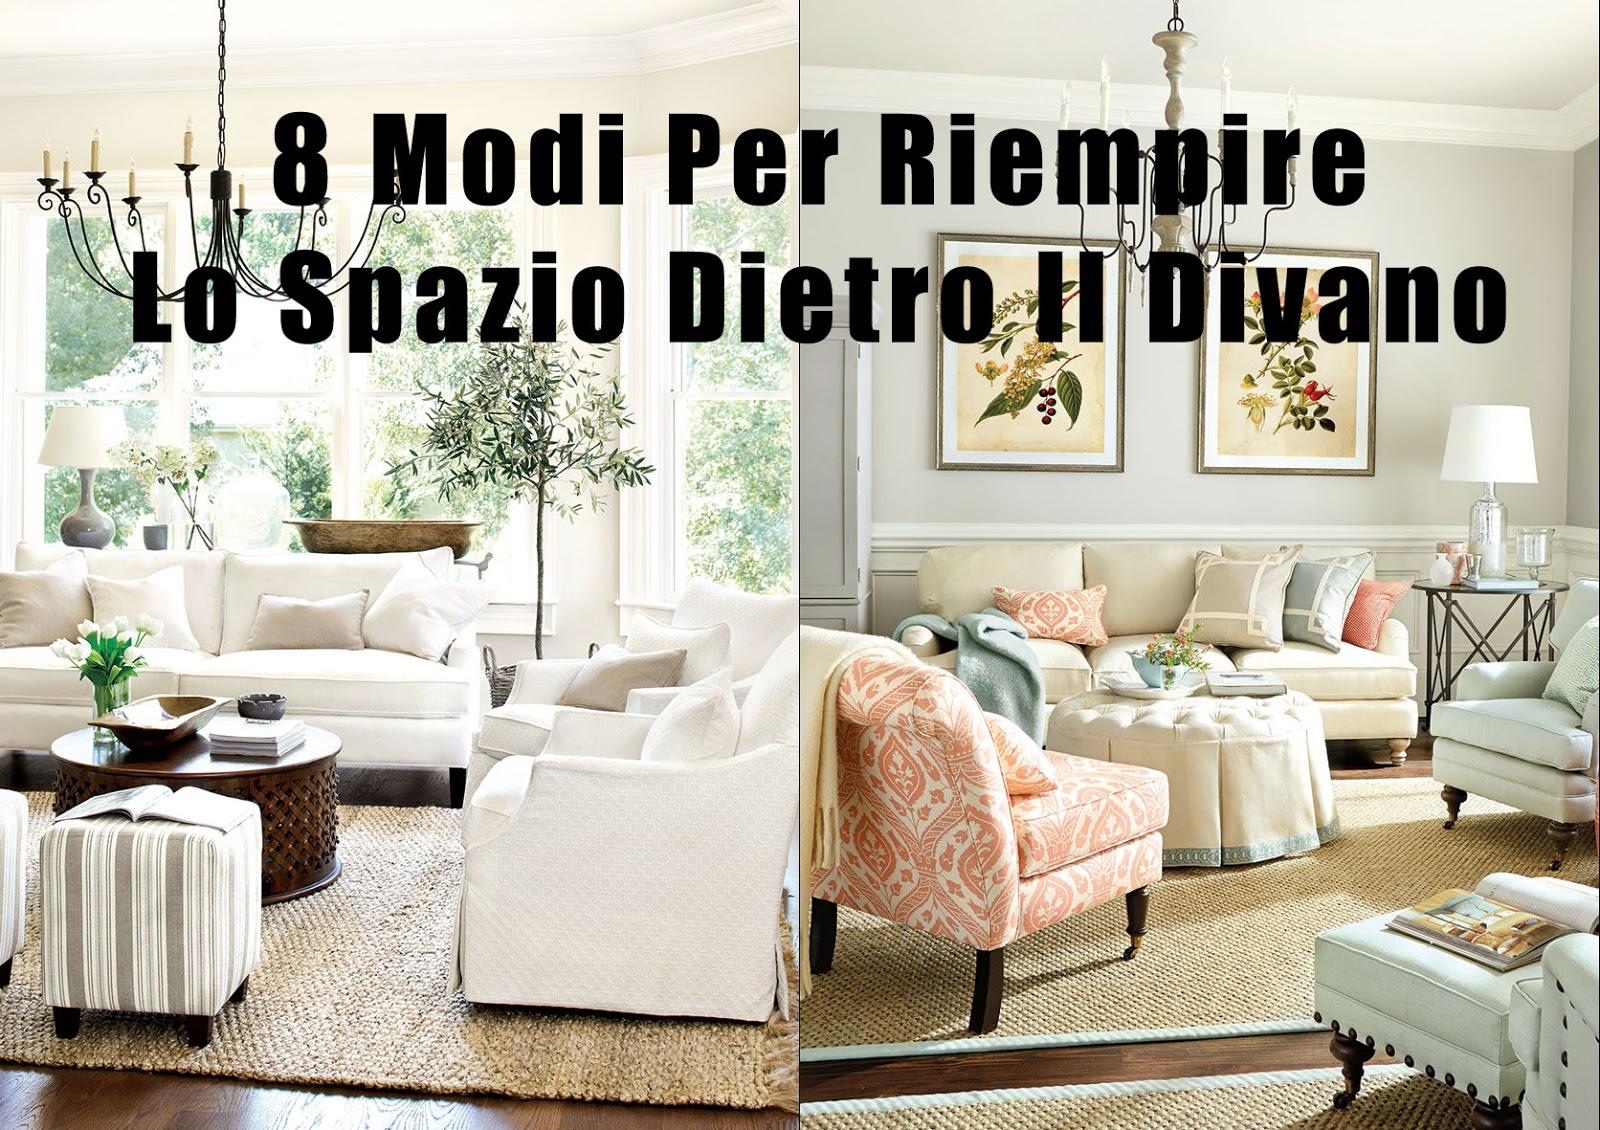 8 modi per riempire lo spazio dietro il divano home - Decorare parete salotto ...